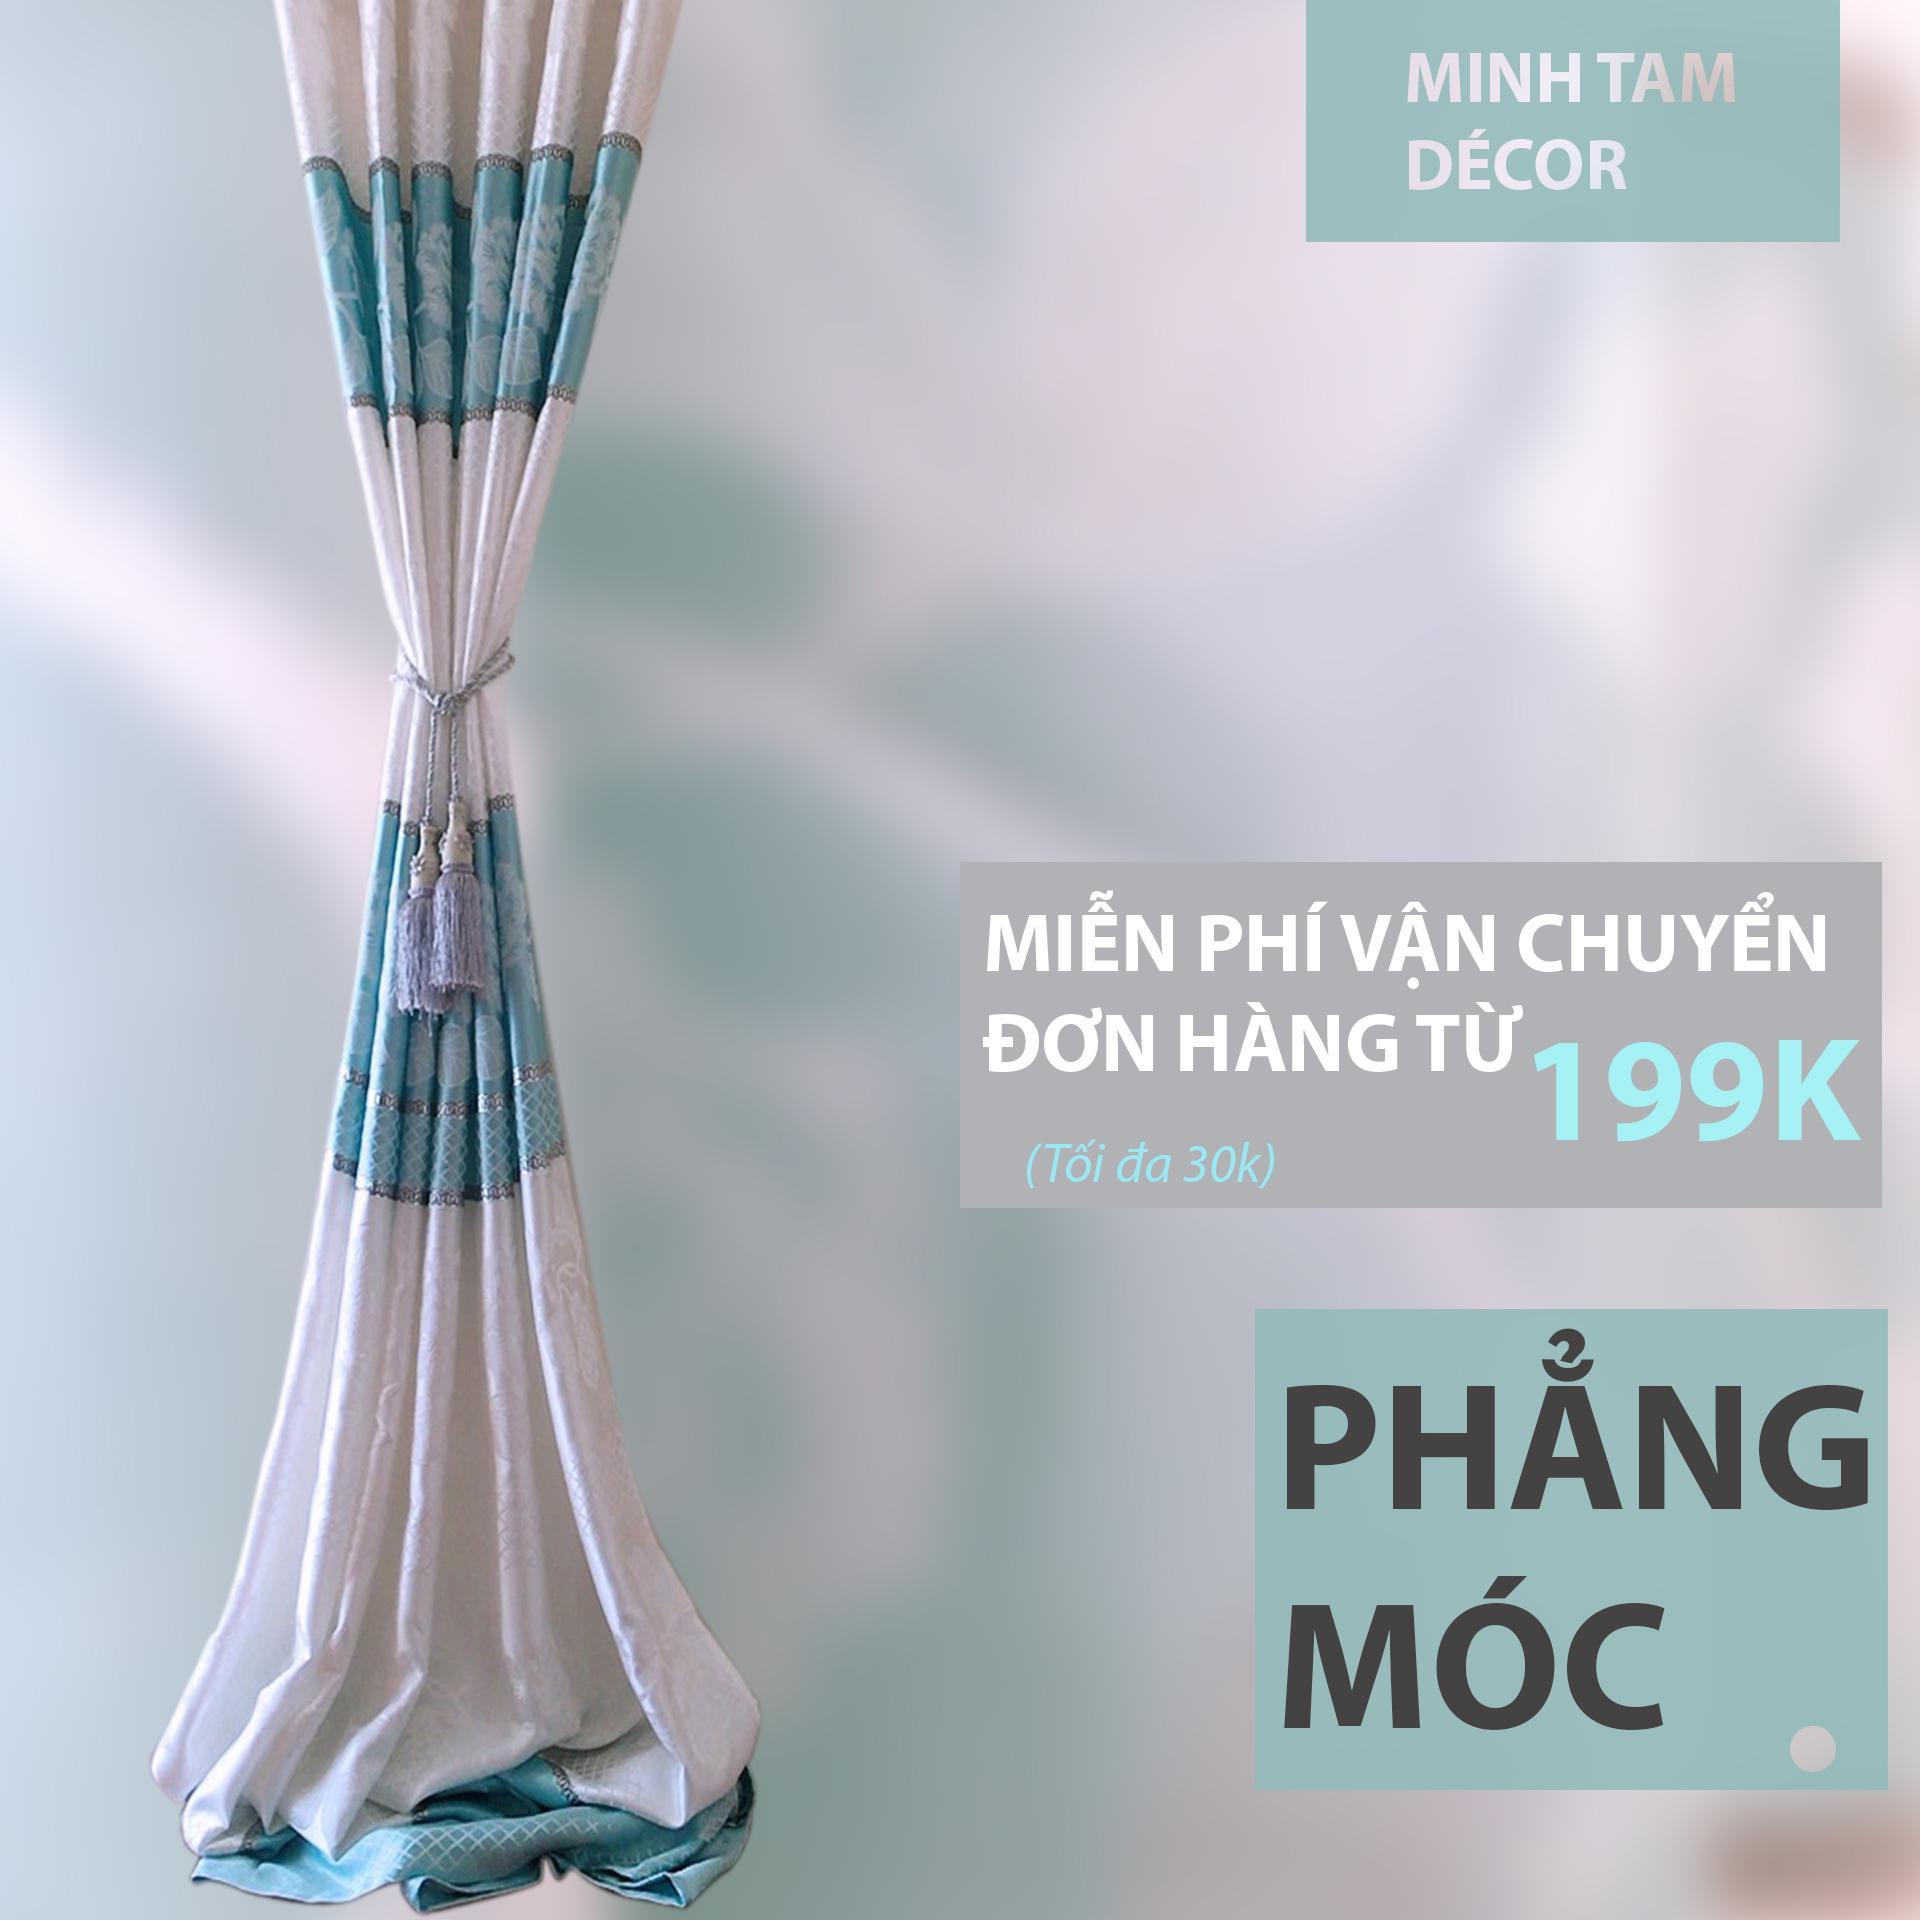 Rèm Cửa Sổ Minh Tâm Cản Nắng - Mẫu 2019 - Gấm Kim Tuyến Xanh Biển Có Giá Cực Tốt